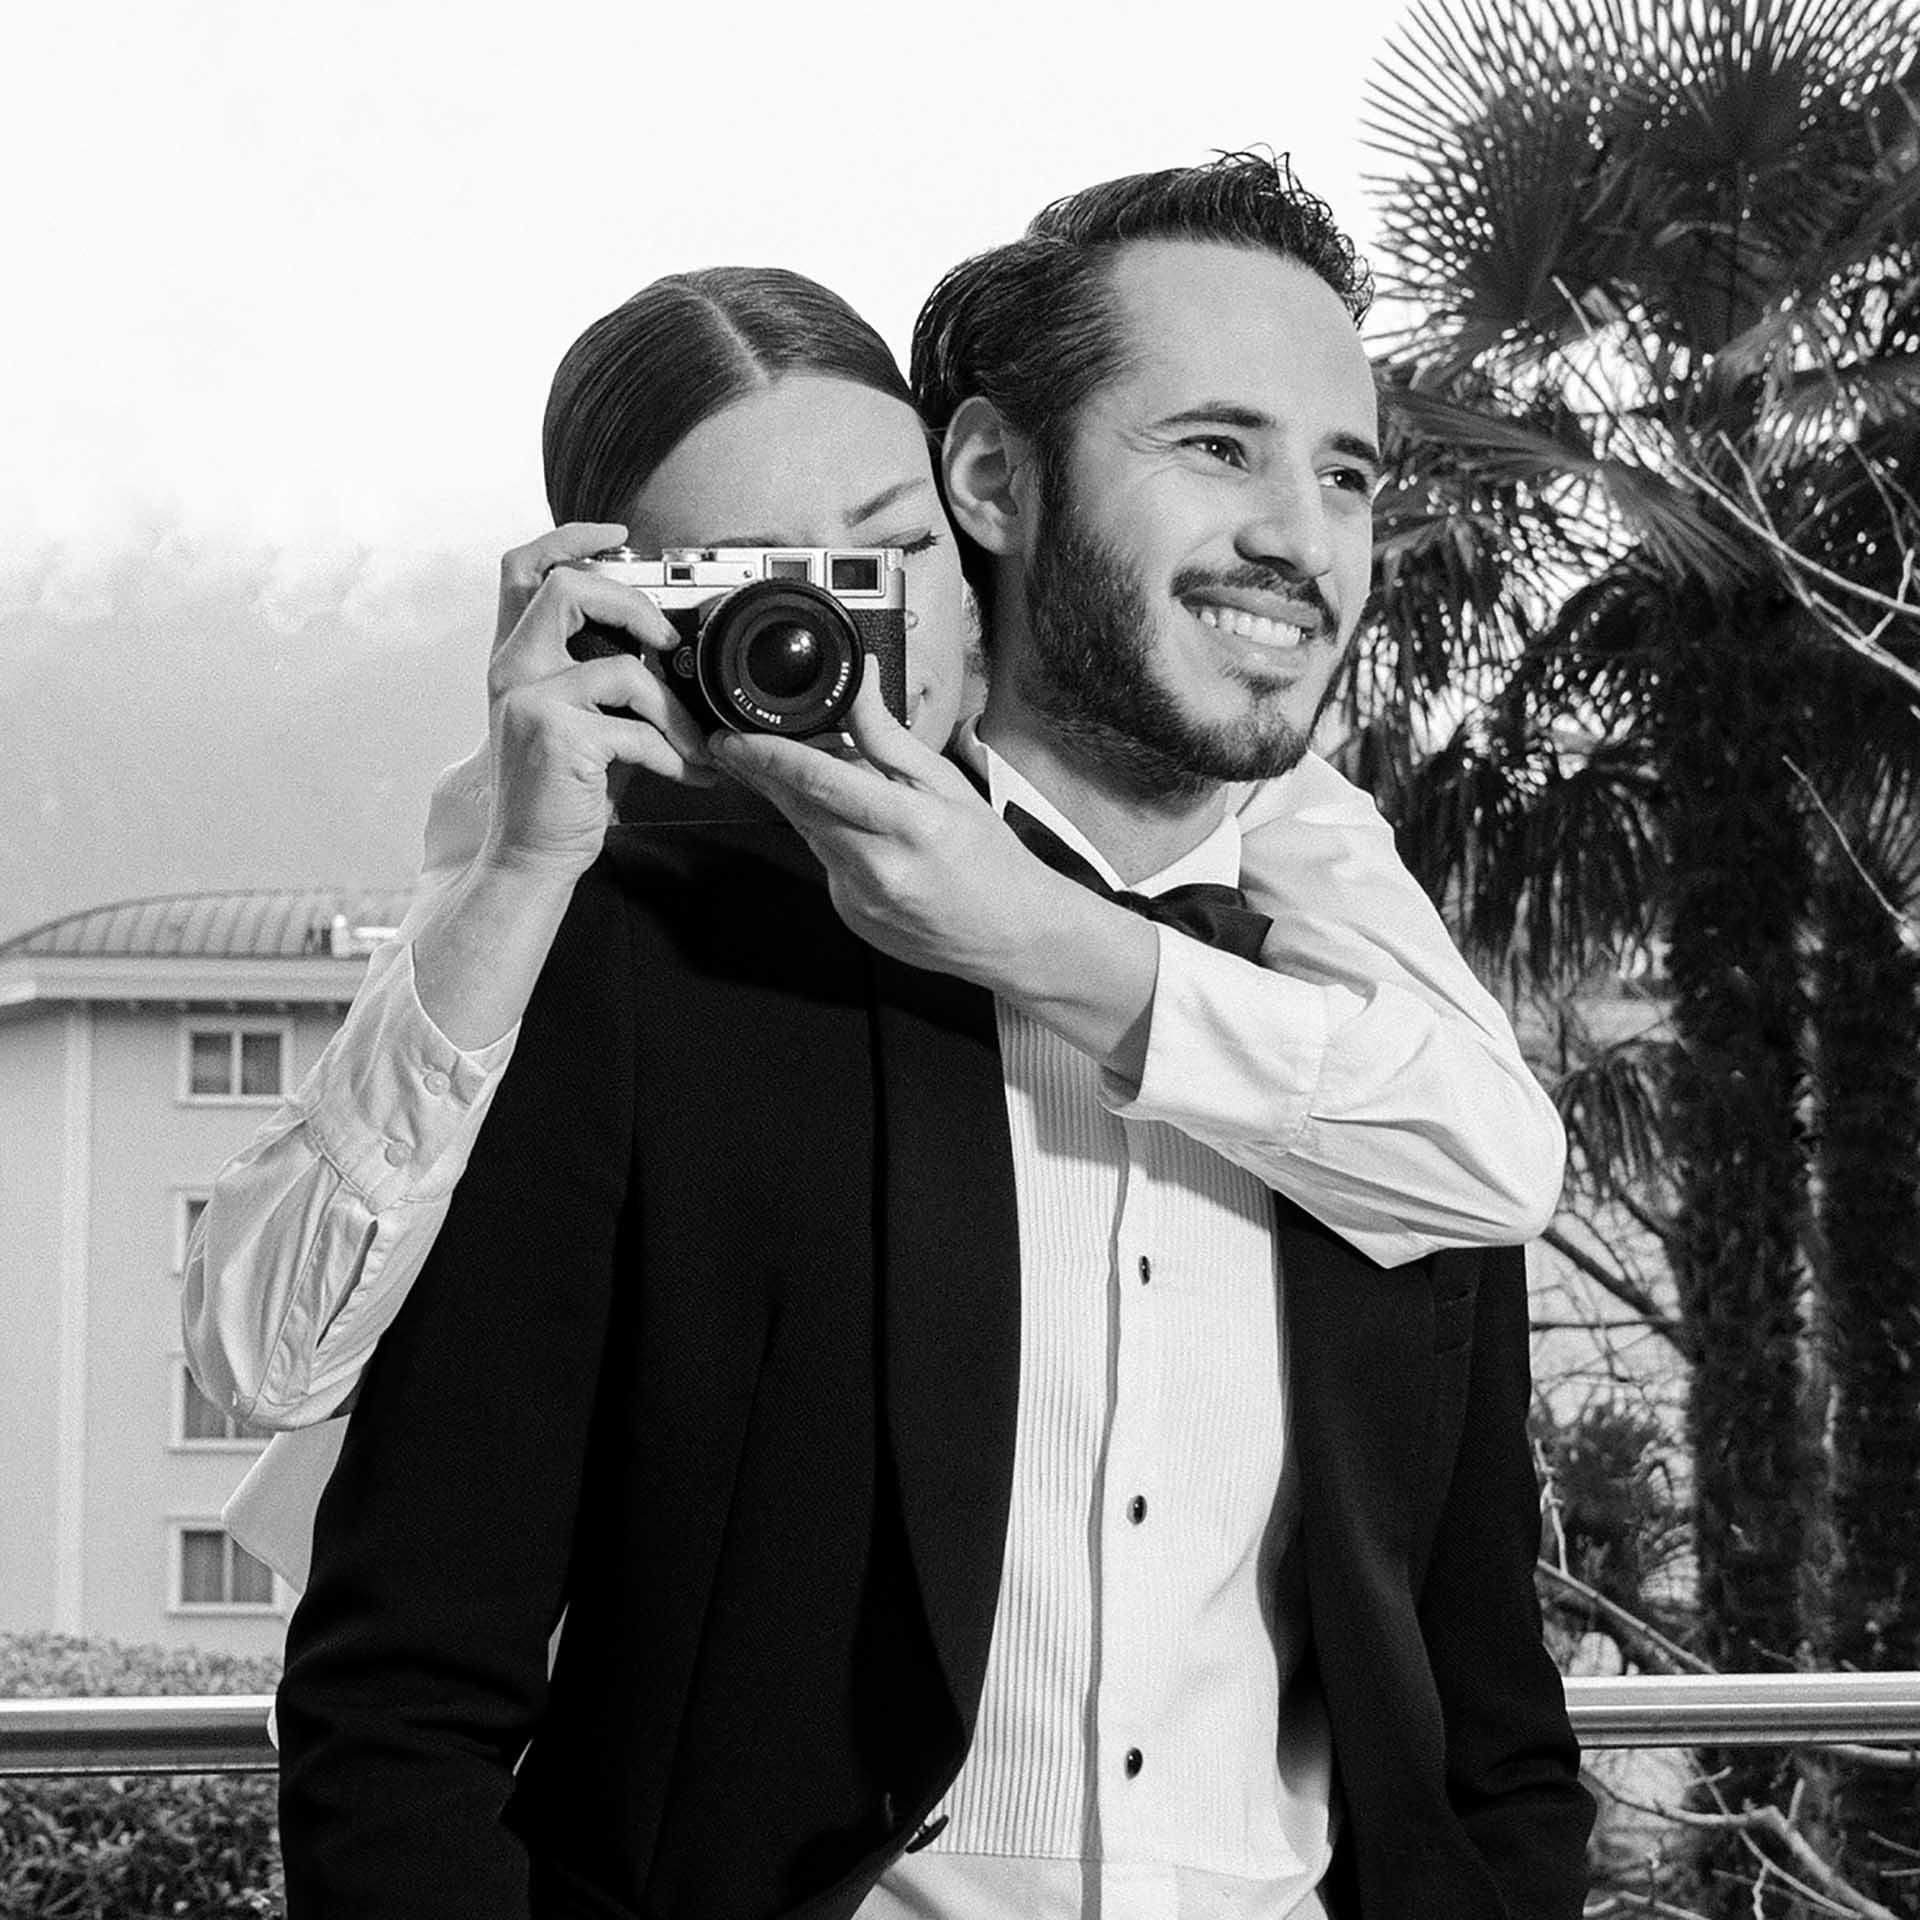 Bottega53 photography